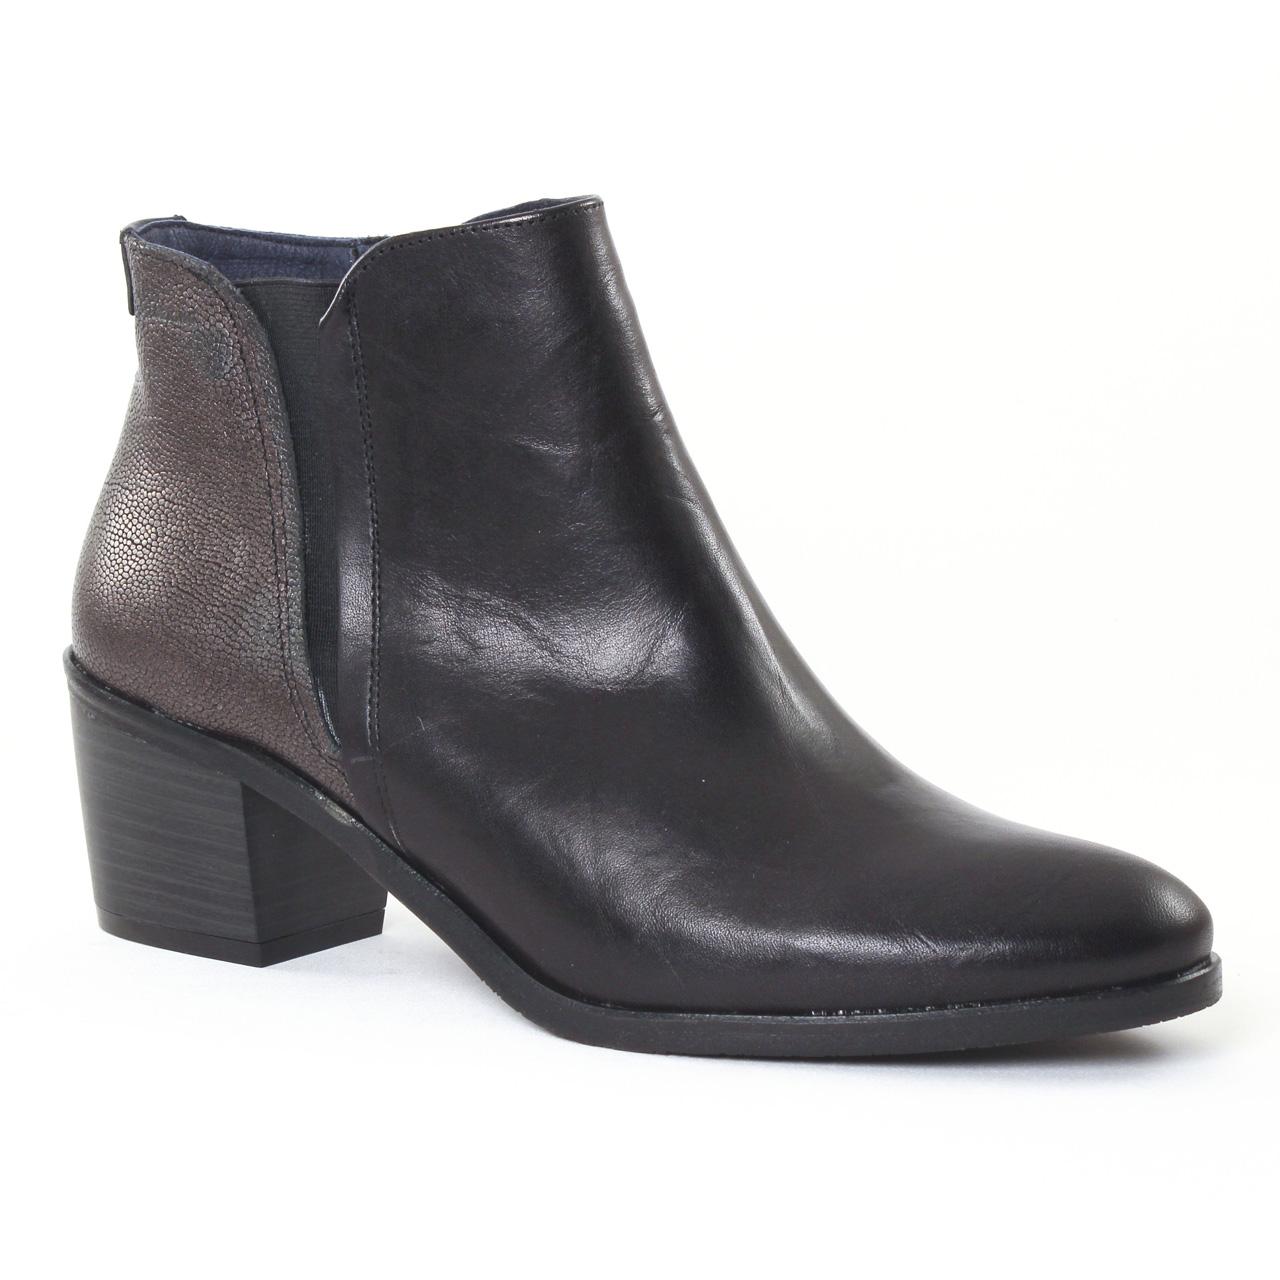 dorking cora 6943 noir boot talon noir bronze automne hiver chez trois par 3. Black Bedroom Furniture Sets. Home Design Ideas